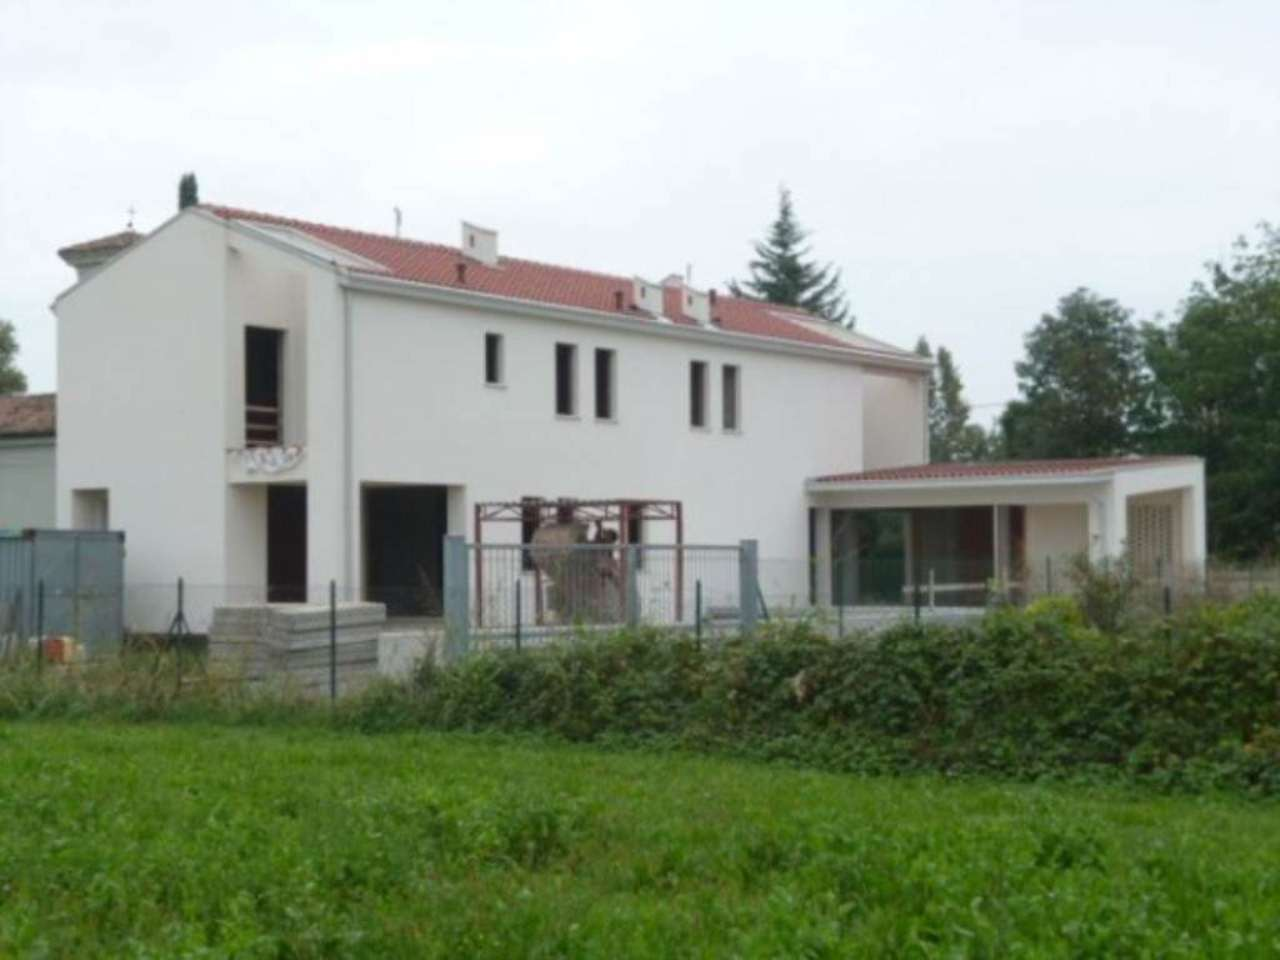 Villa in vendita a Borgosatollo, 5 locali, prezzo € 300.000 | Cambio Casa.it